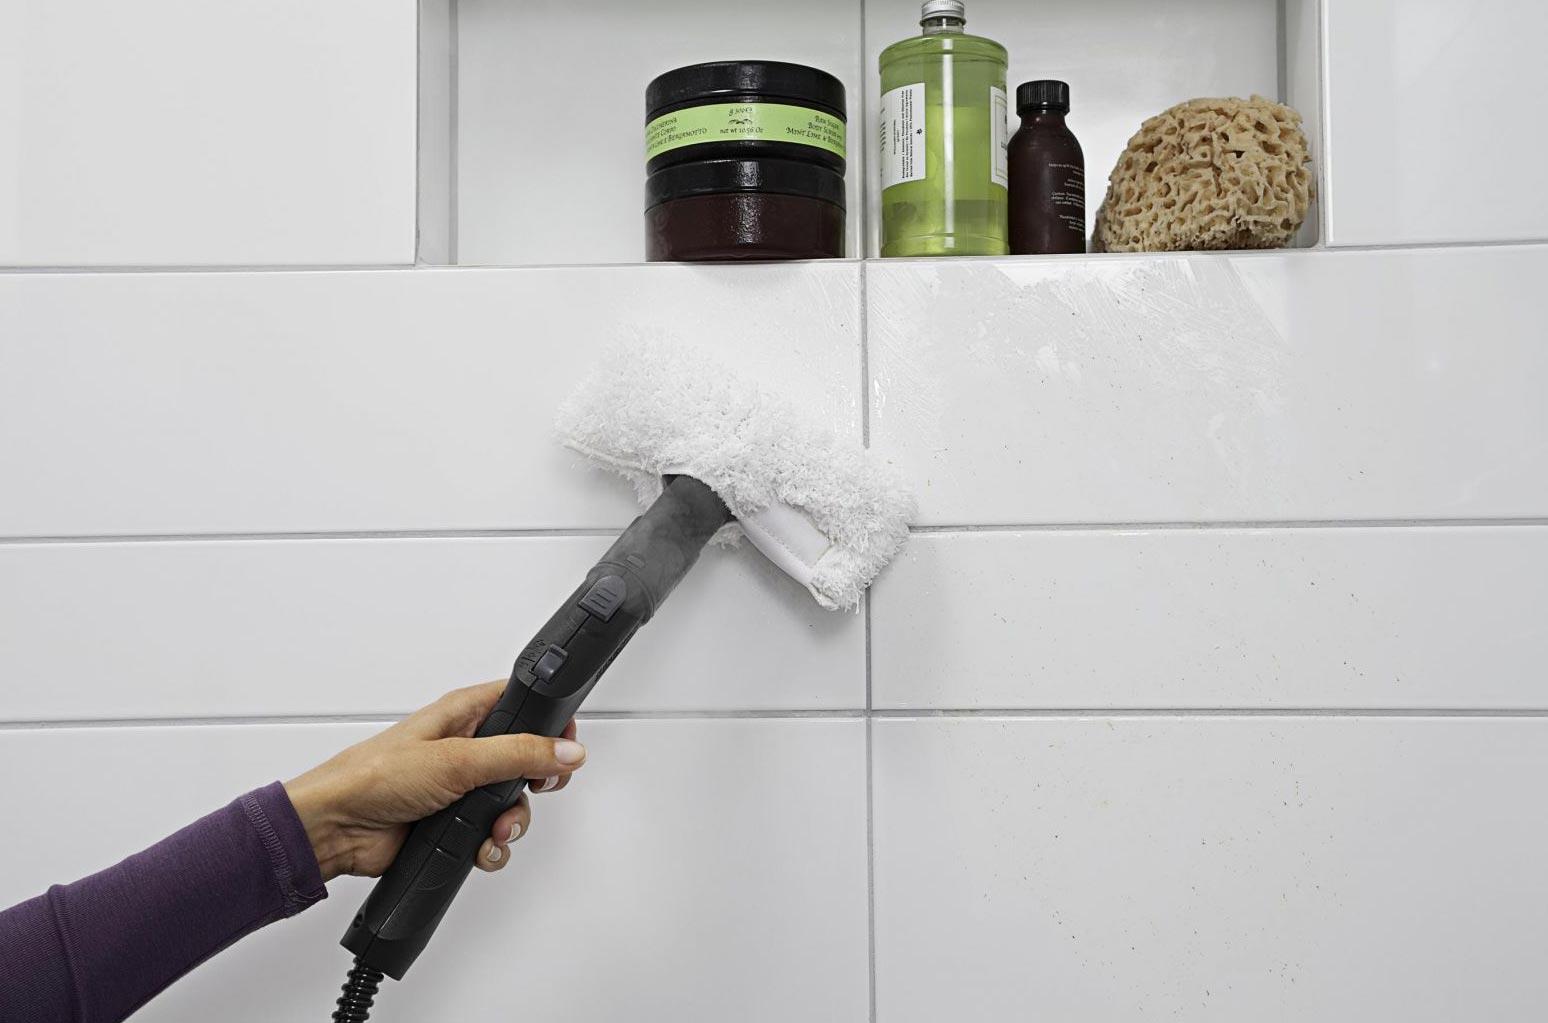 Черная плесень в ванной: как избавиться от грибка + эффективные средства для борьбы и предотвращения